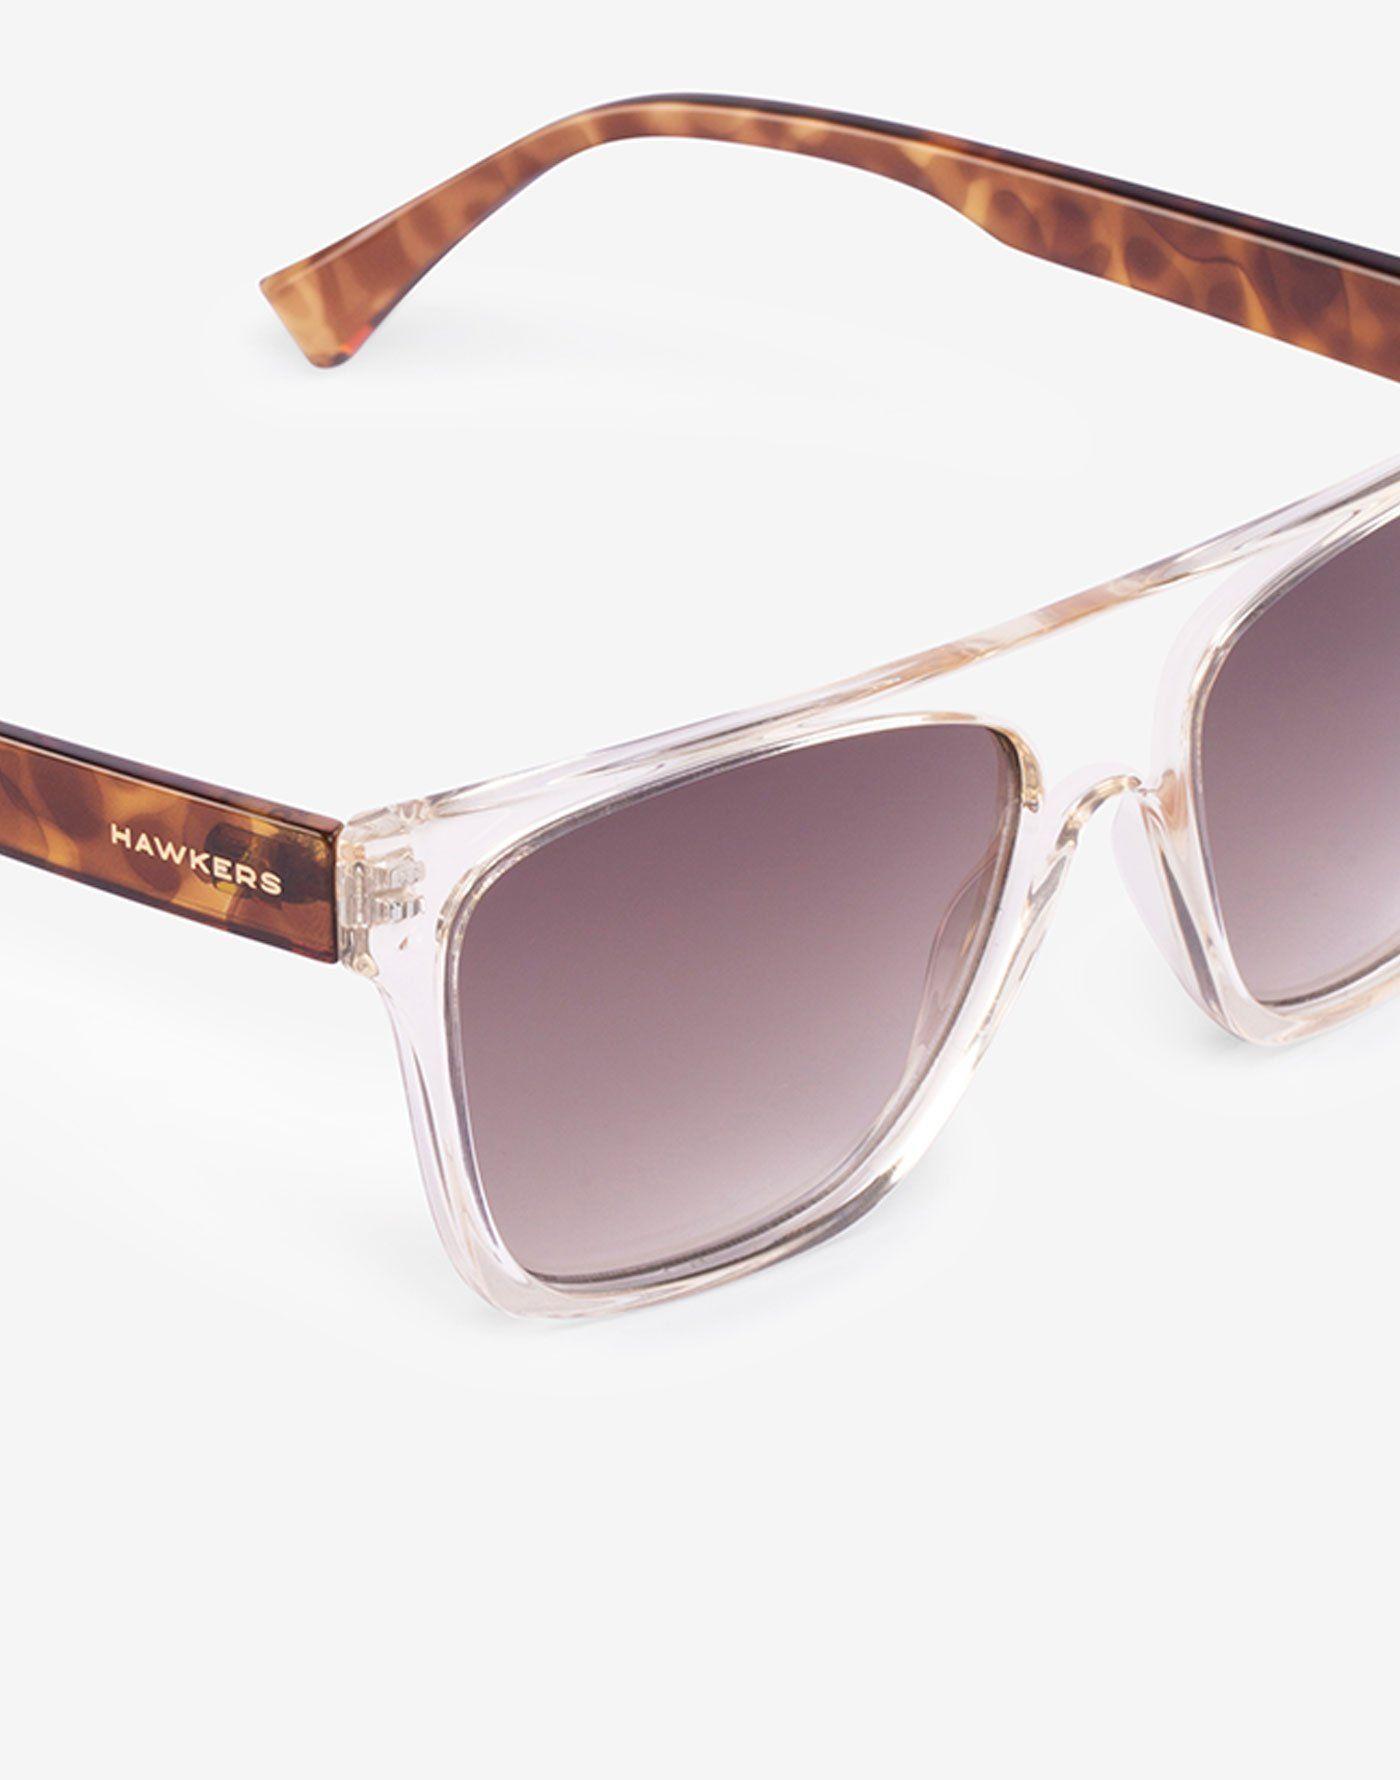 a2c893c90c CRYSTAL CHAMPAGNE BROWN GRADIENT ONE LS FLAT TOP Hawkers presenta su modelo  de gafas de sol ONE Lifestyle Flat Top. Hecho a medida para todos los  rostros, ...